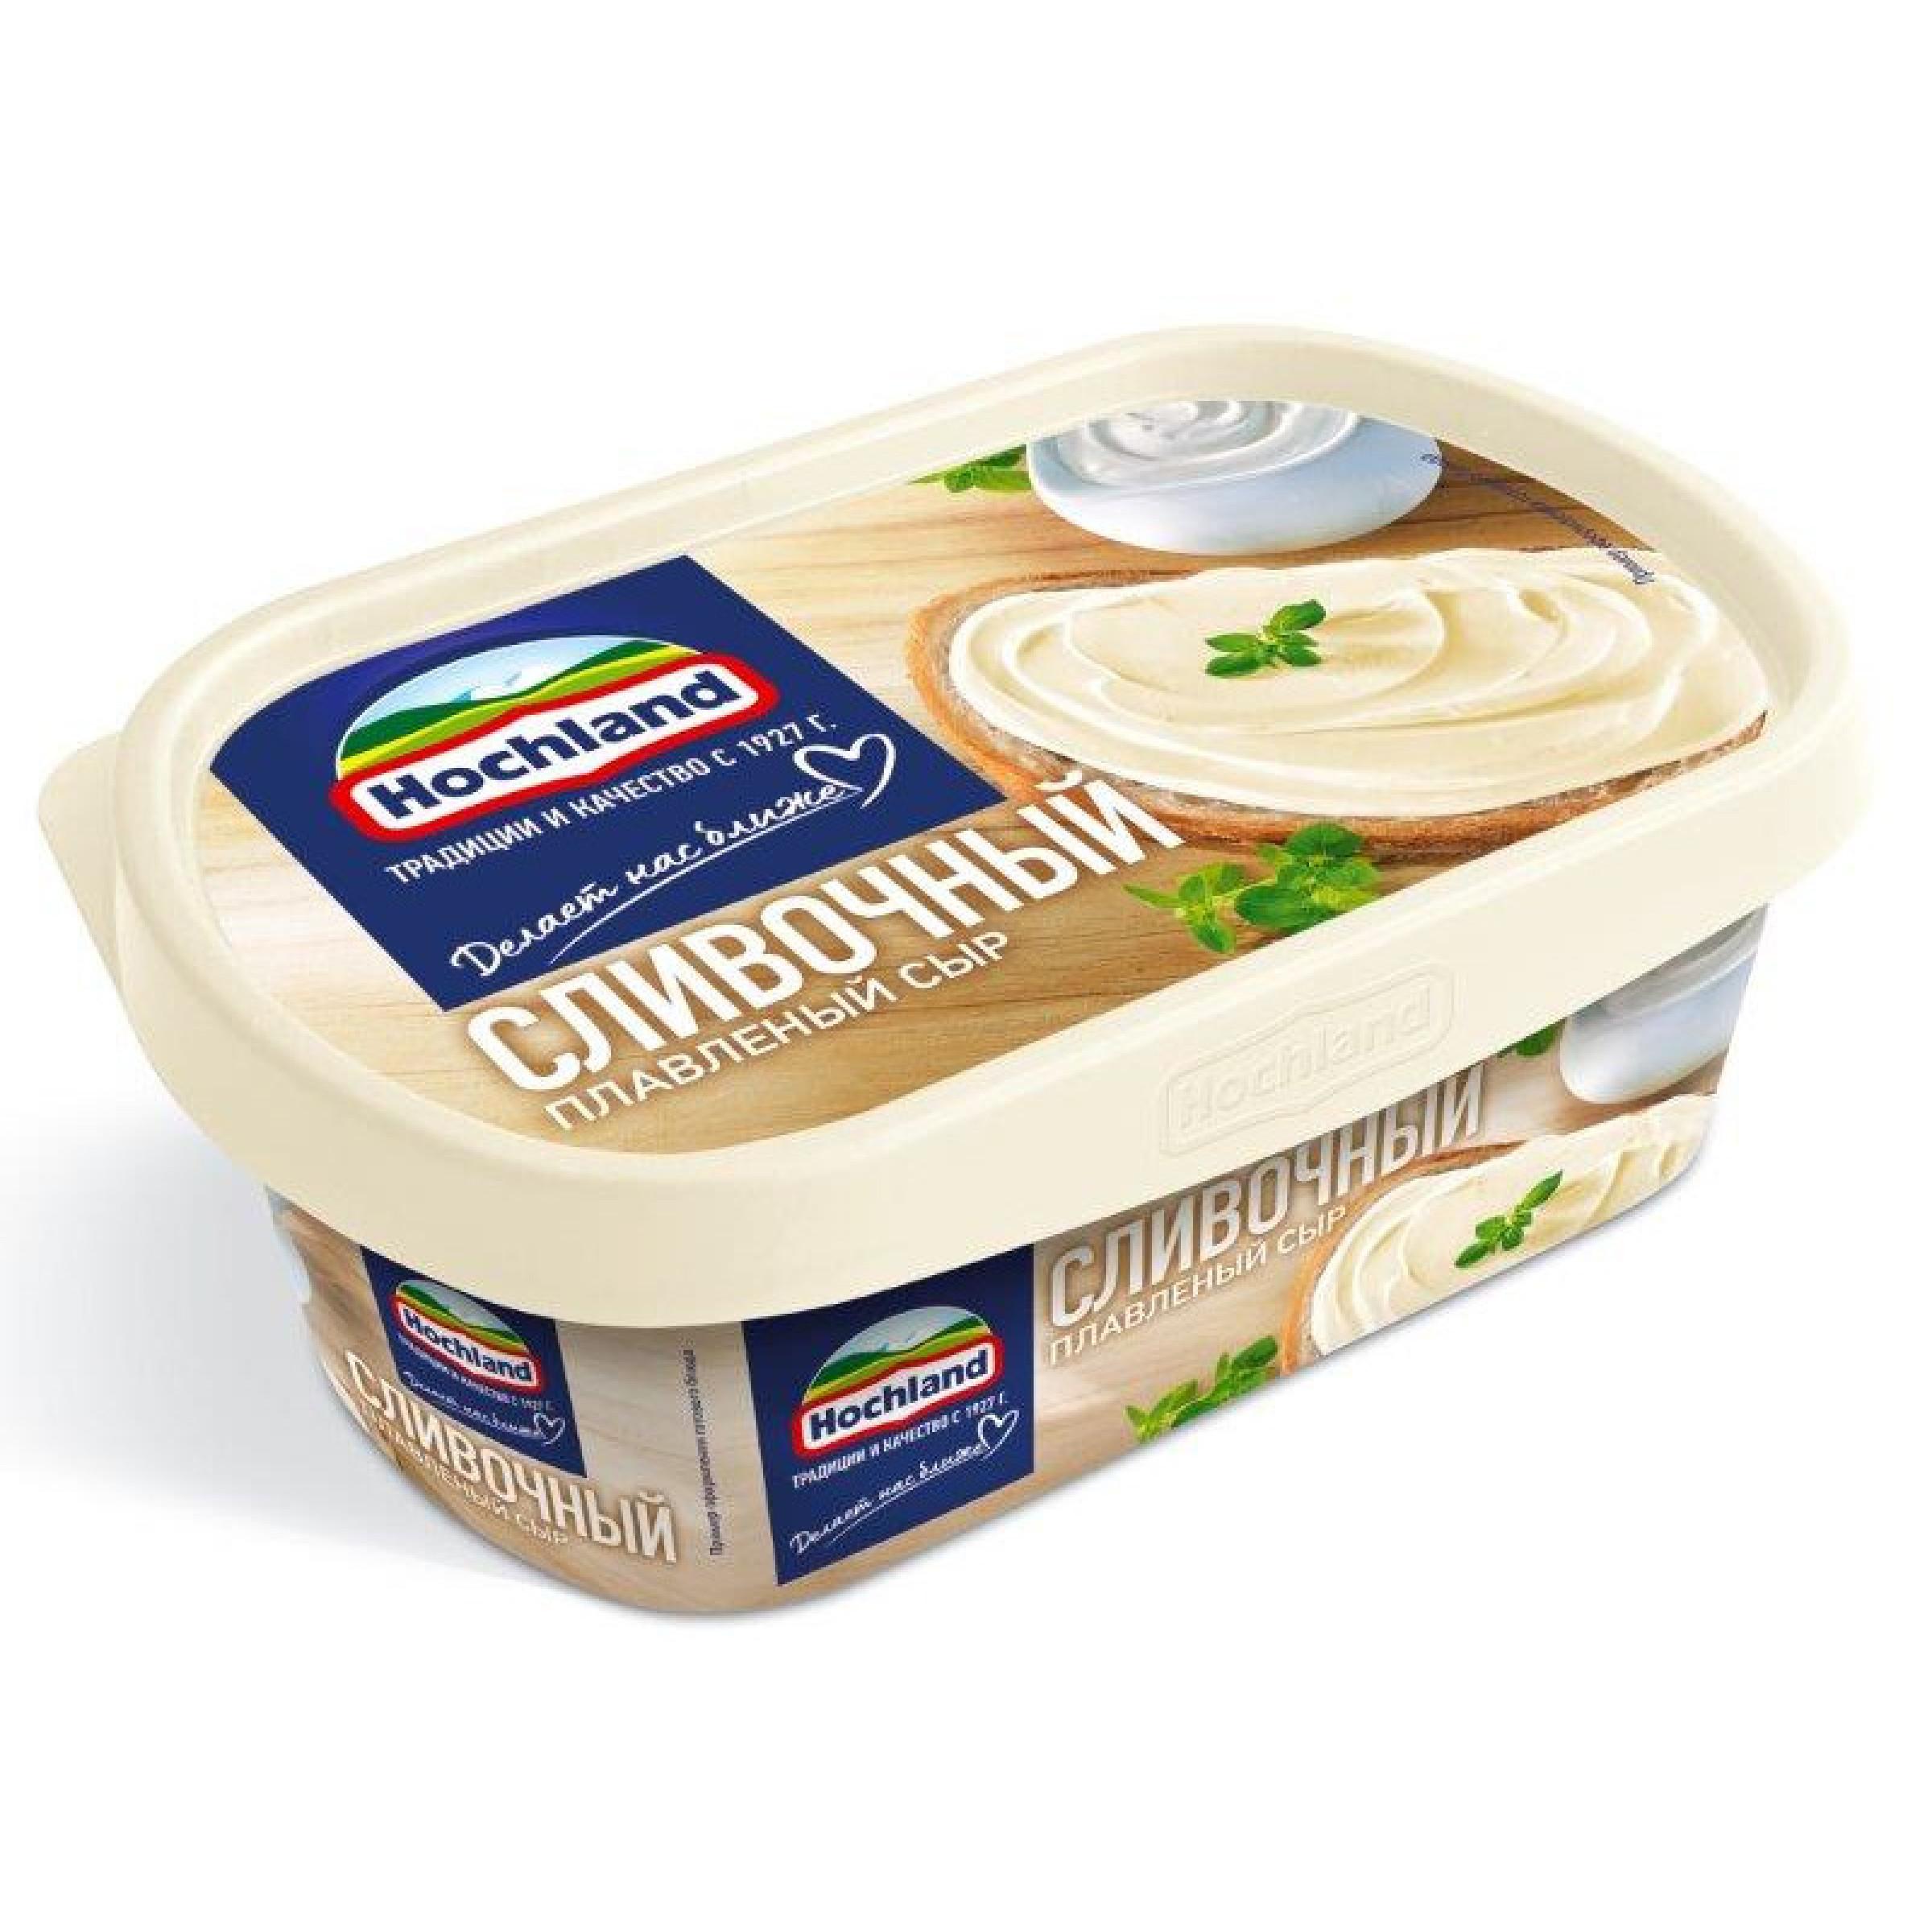 """Сыр """"Hochland"""" 55% плавленый в ванночке cливочный, 200гр."""